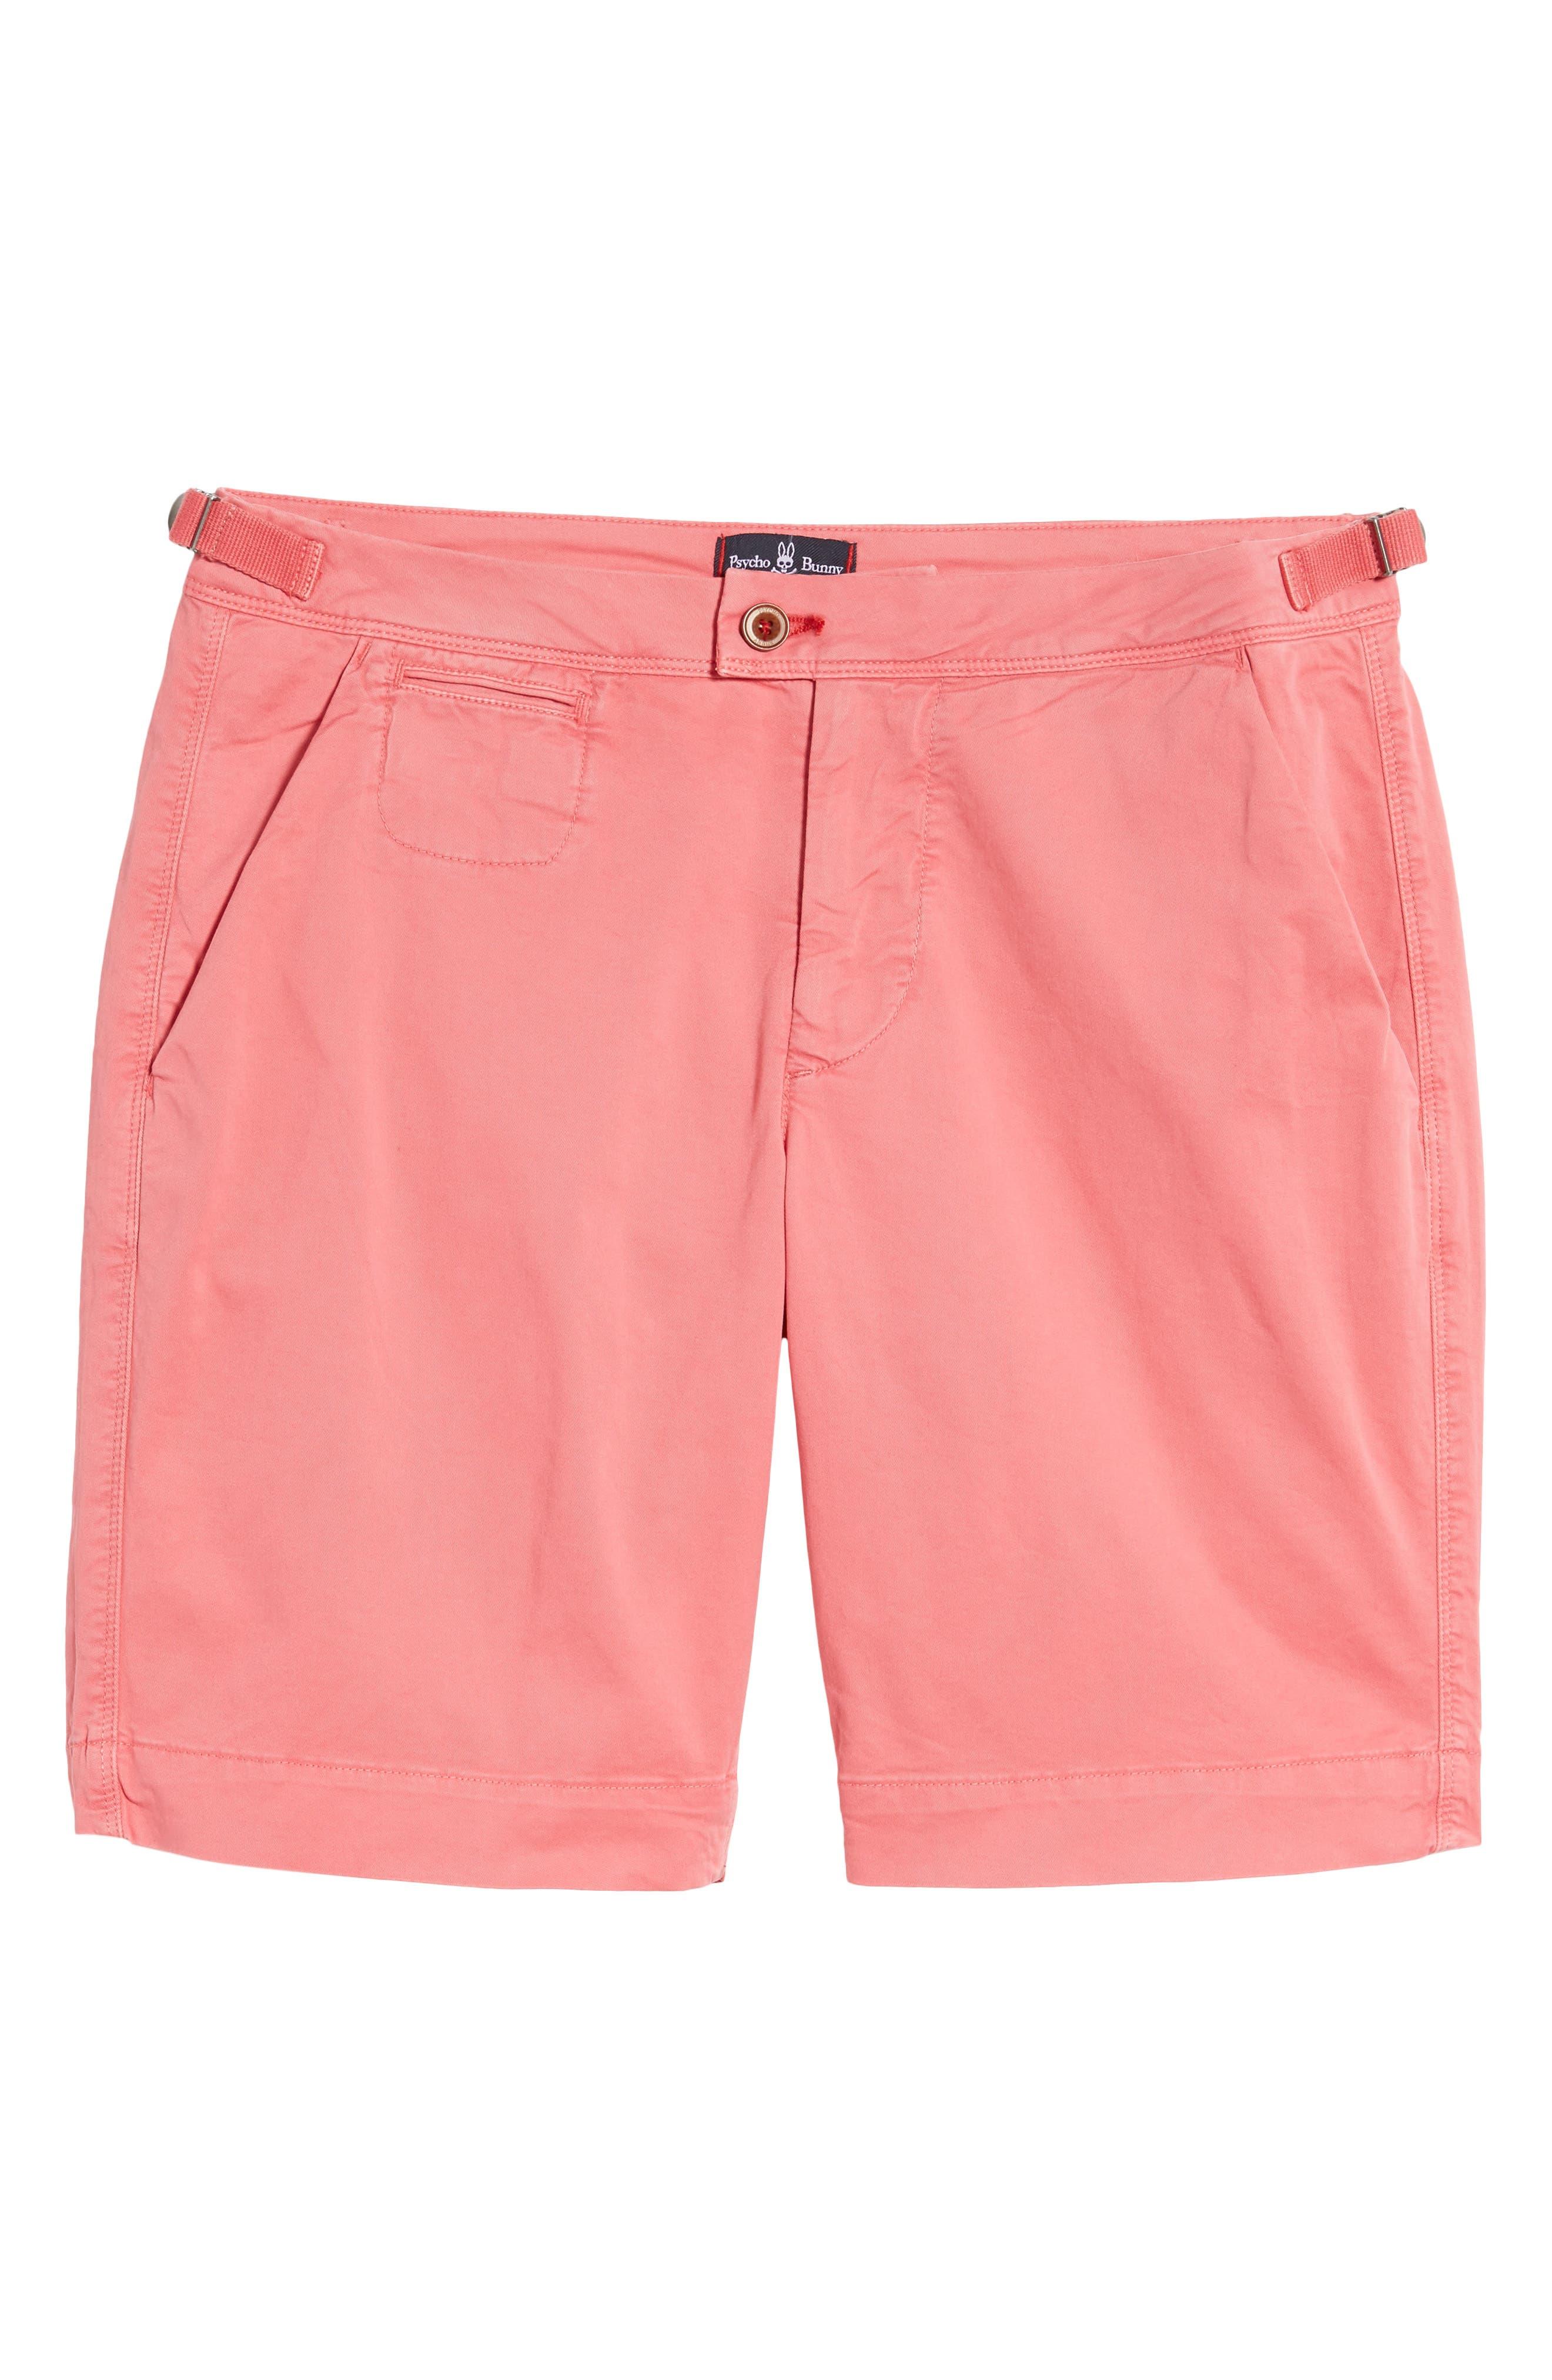 Triumph Shorts,                             Alternate thumbnail 76, color,